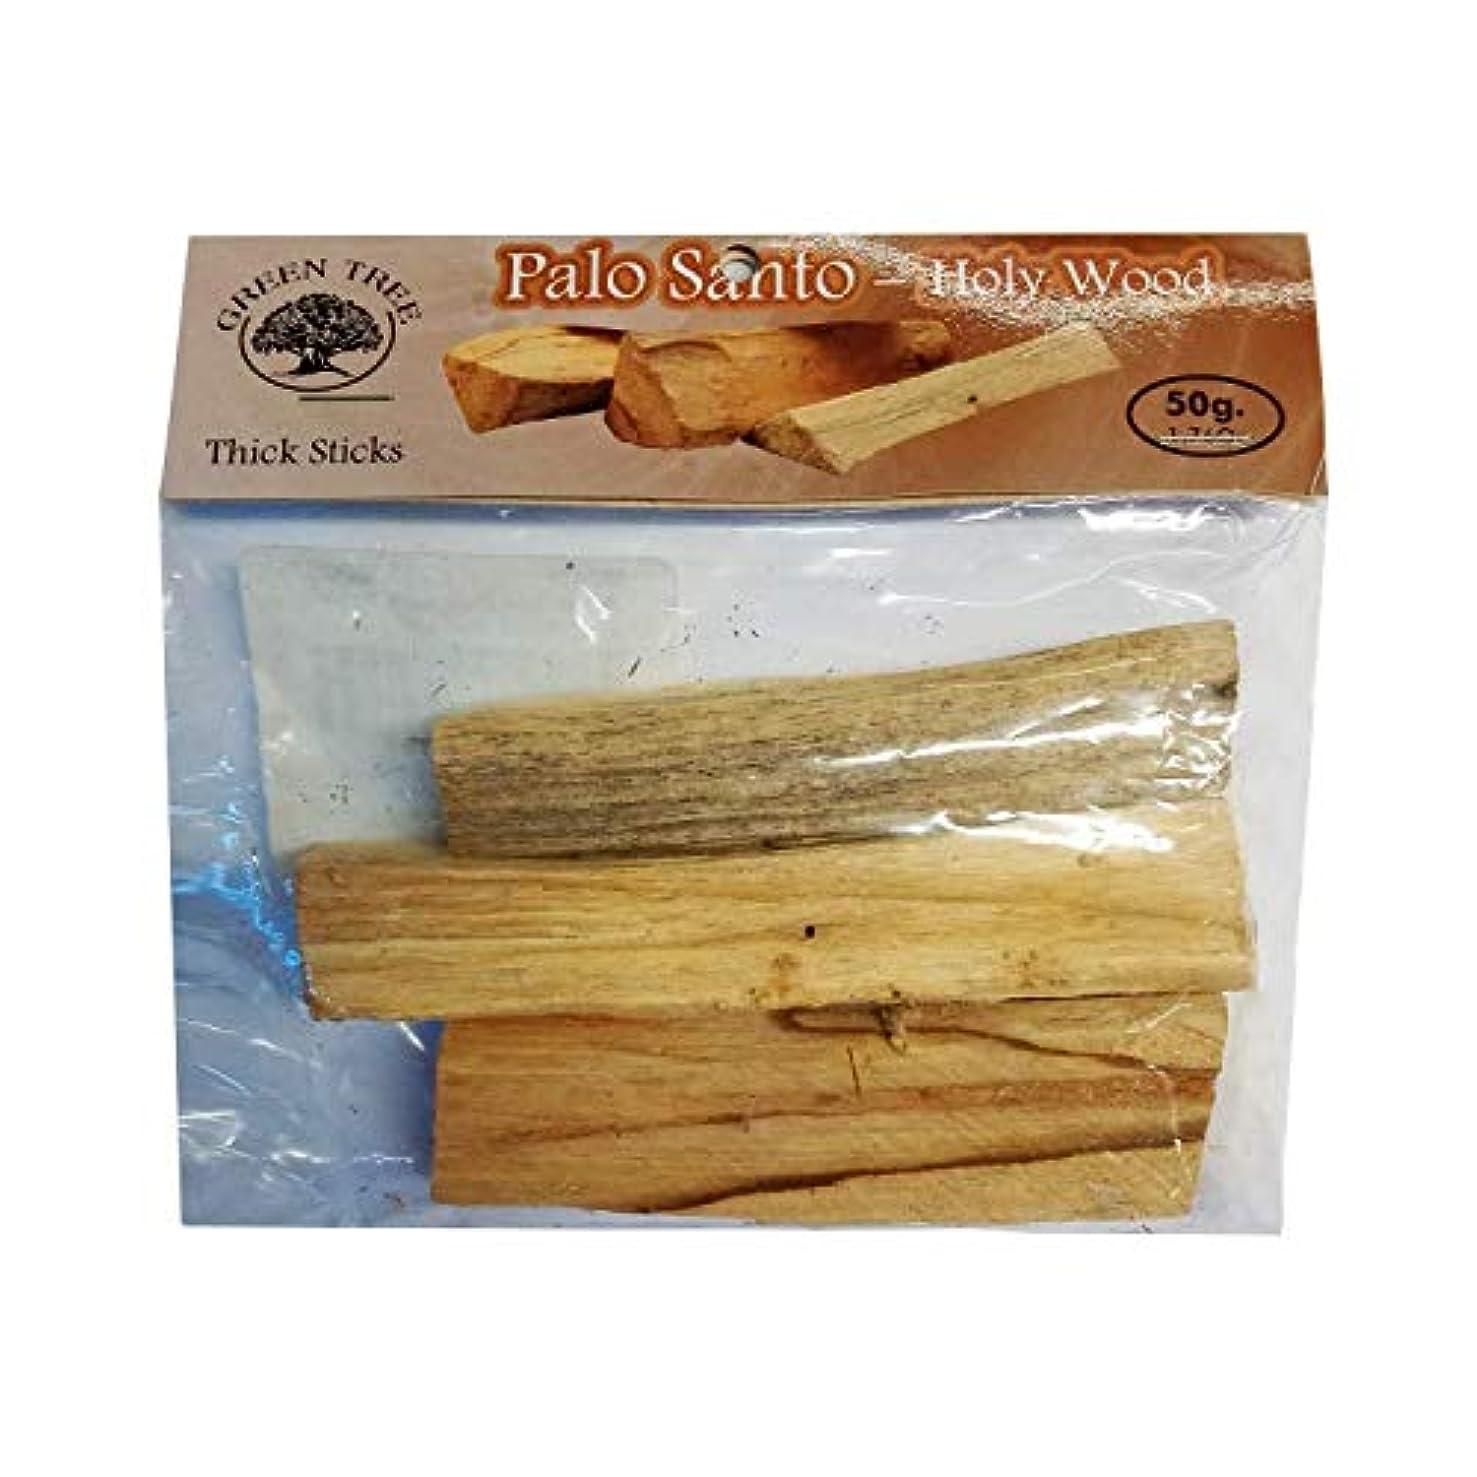 壮大にはまってメジャーグリーンツリー50グラムのバッグPalo Santo Holy Wood Sticks